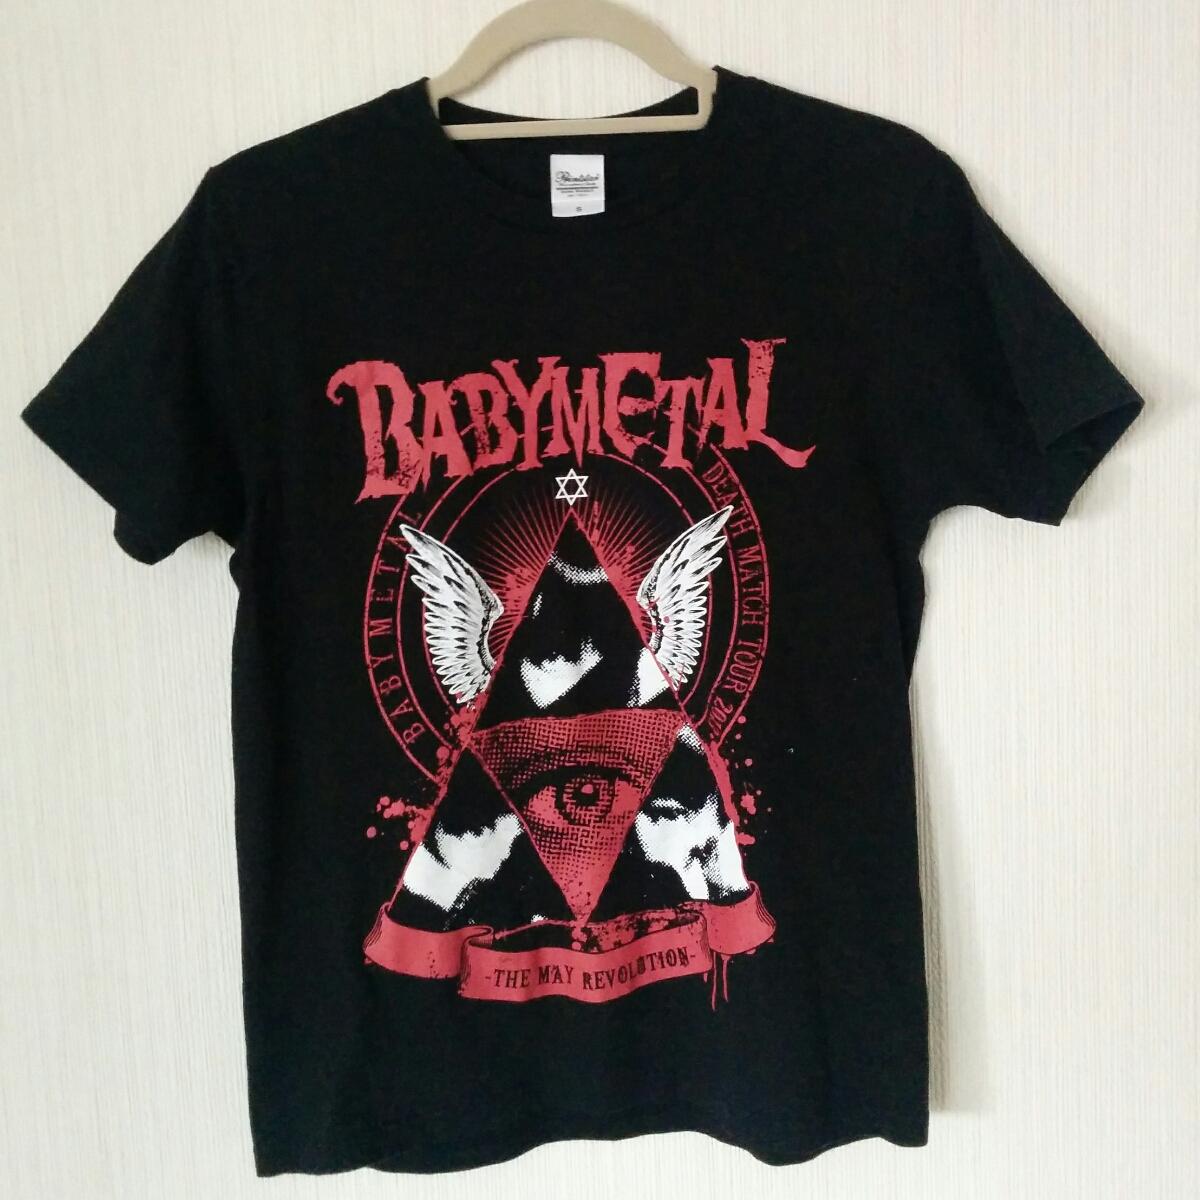 BABYMETAL Tシャツ 2013 五月革命 Sサイズ ベビーメタル ライブグッズの画像